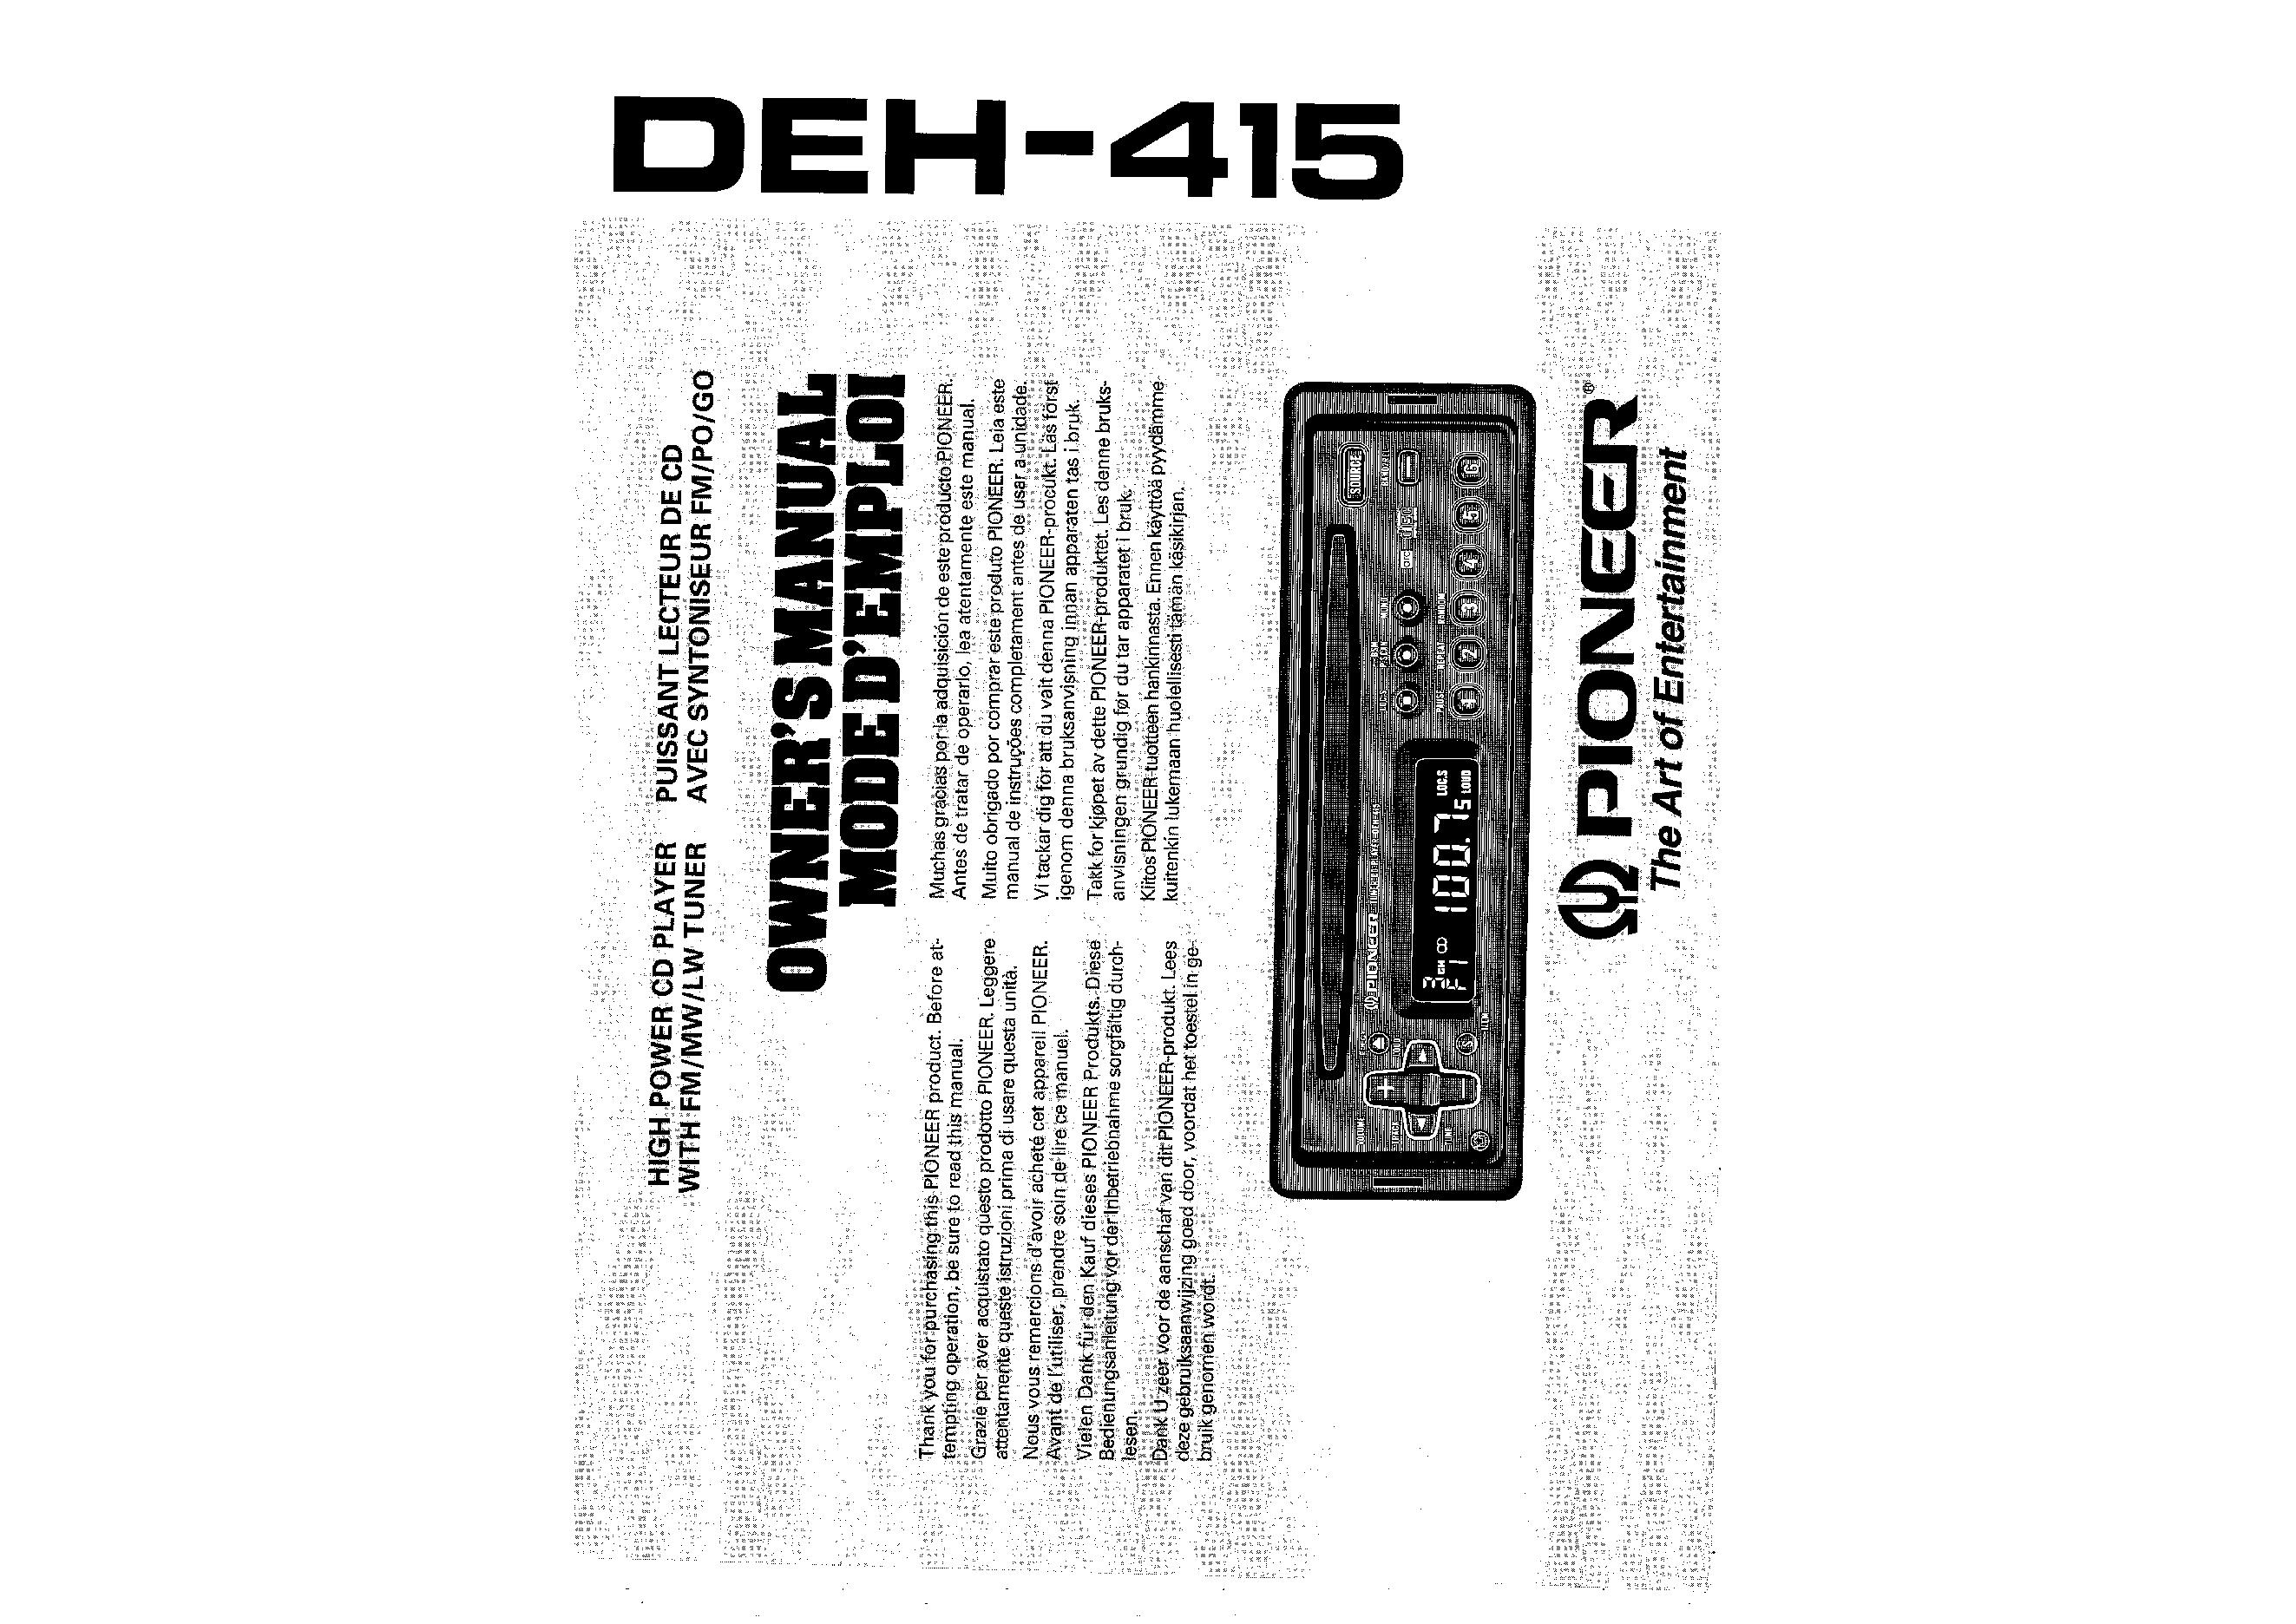 owner u0026 39 s manual for pioneer deh-415